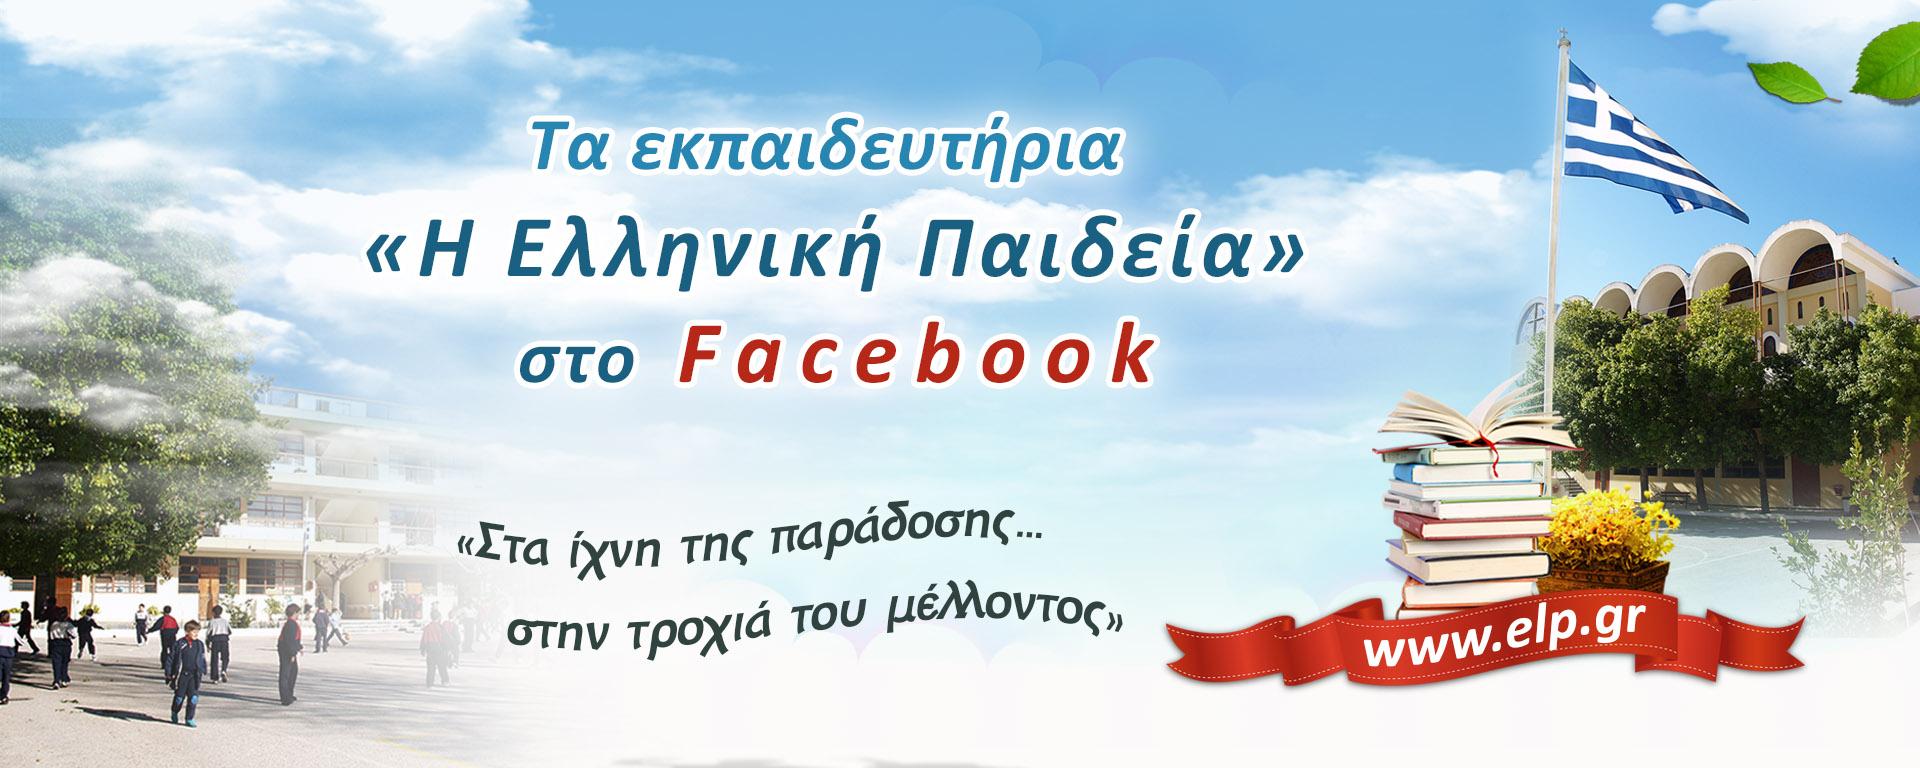 Η Ελληνική Παιδεία στο Facebook